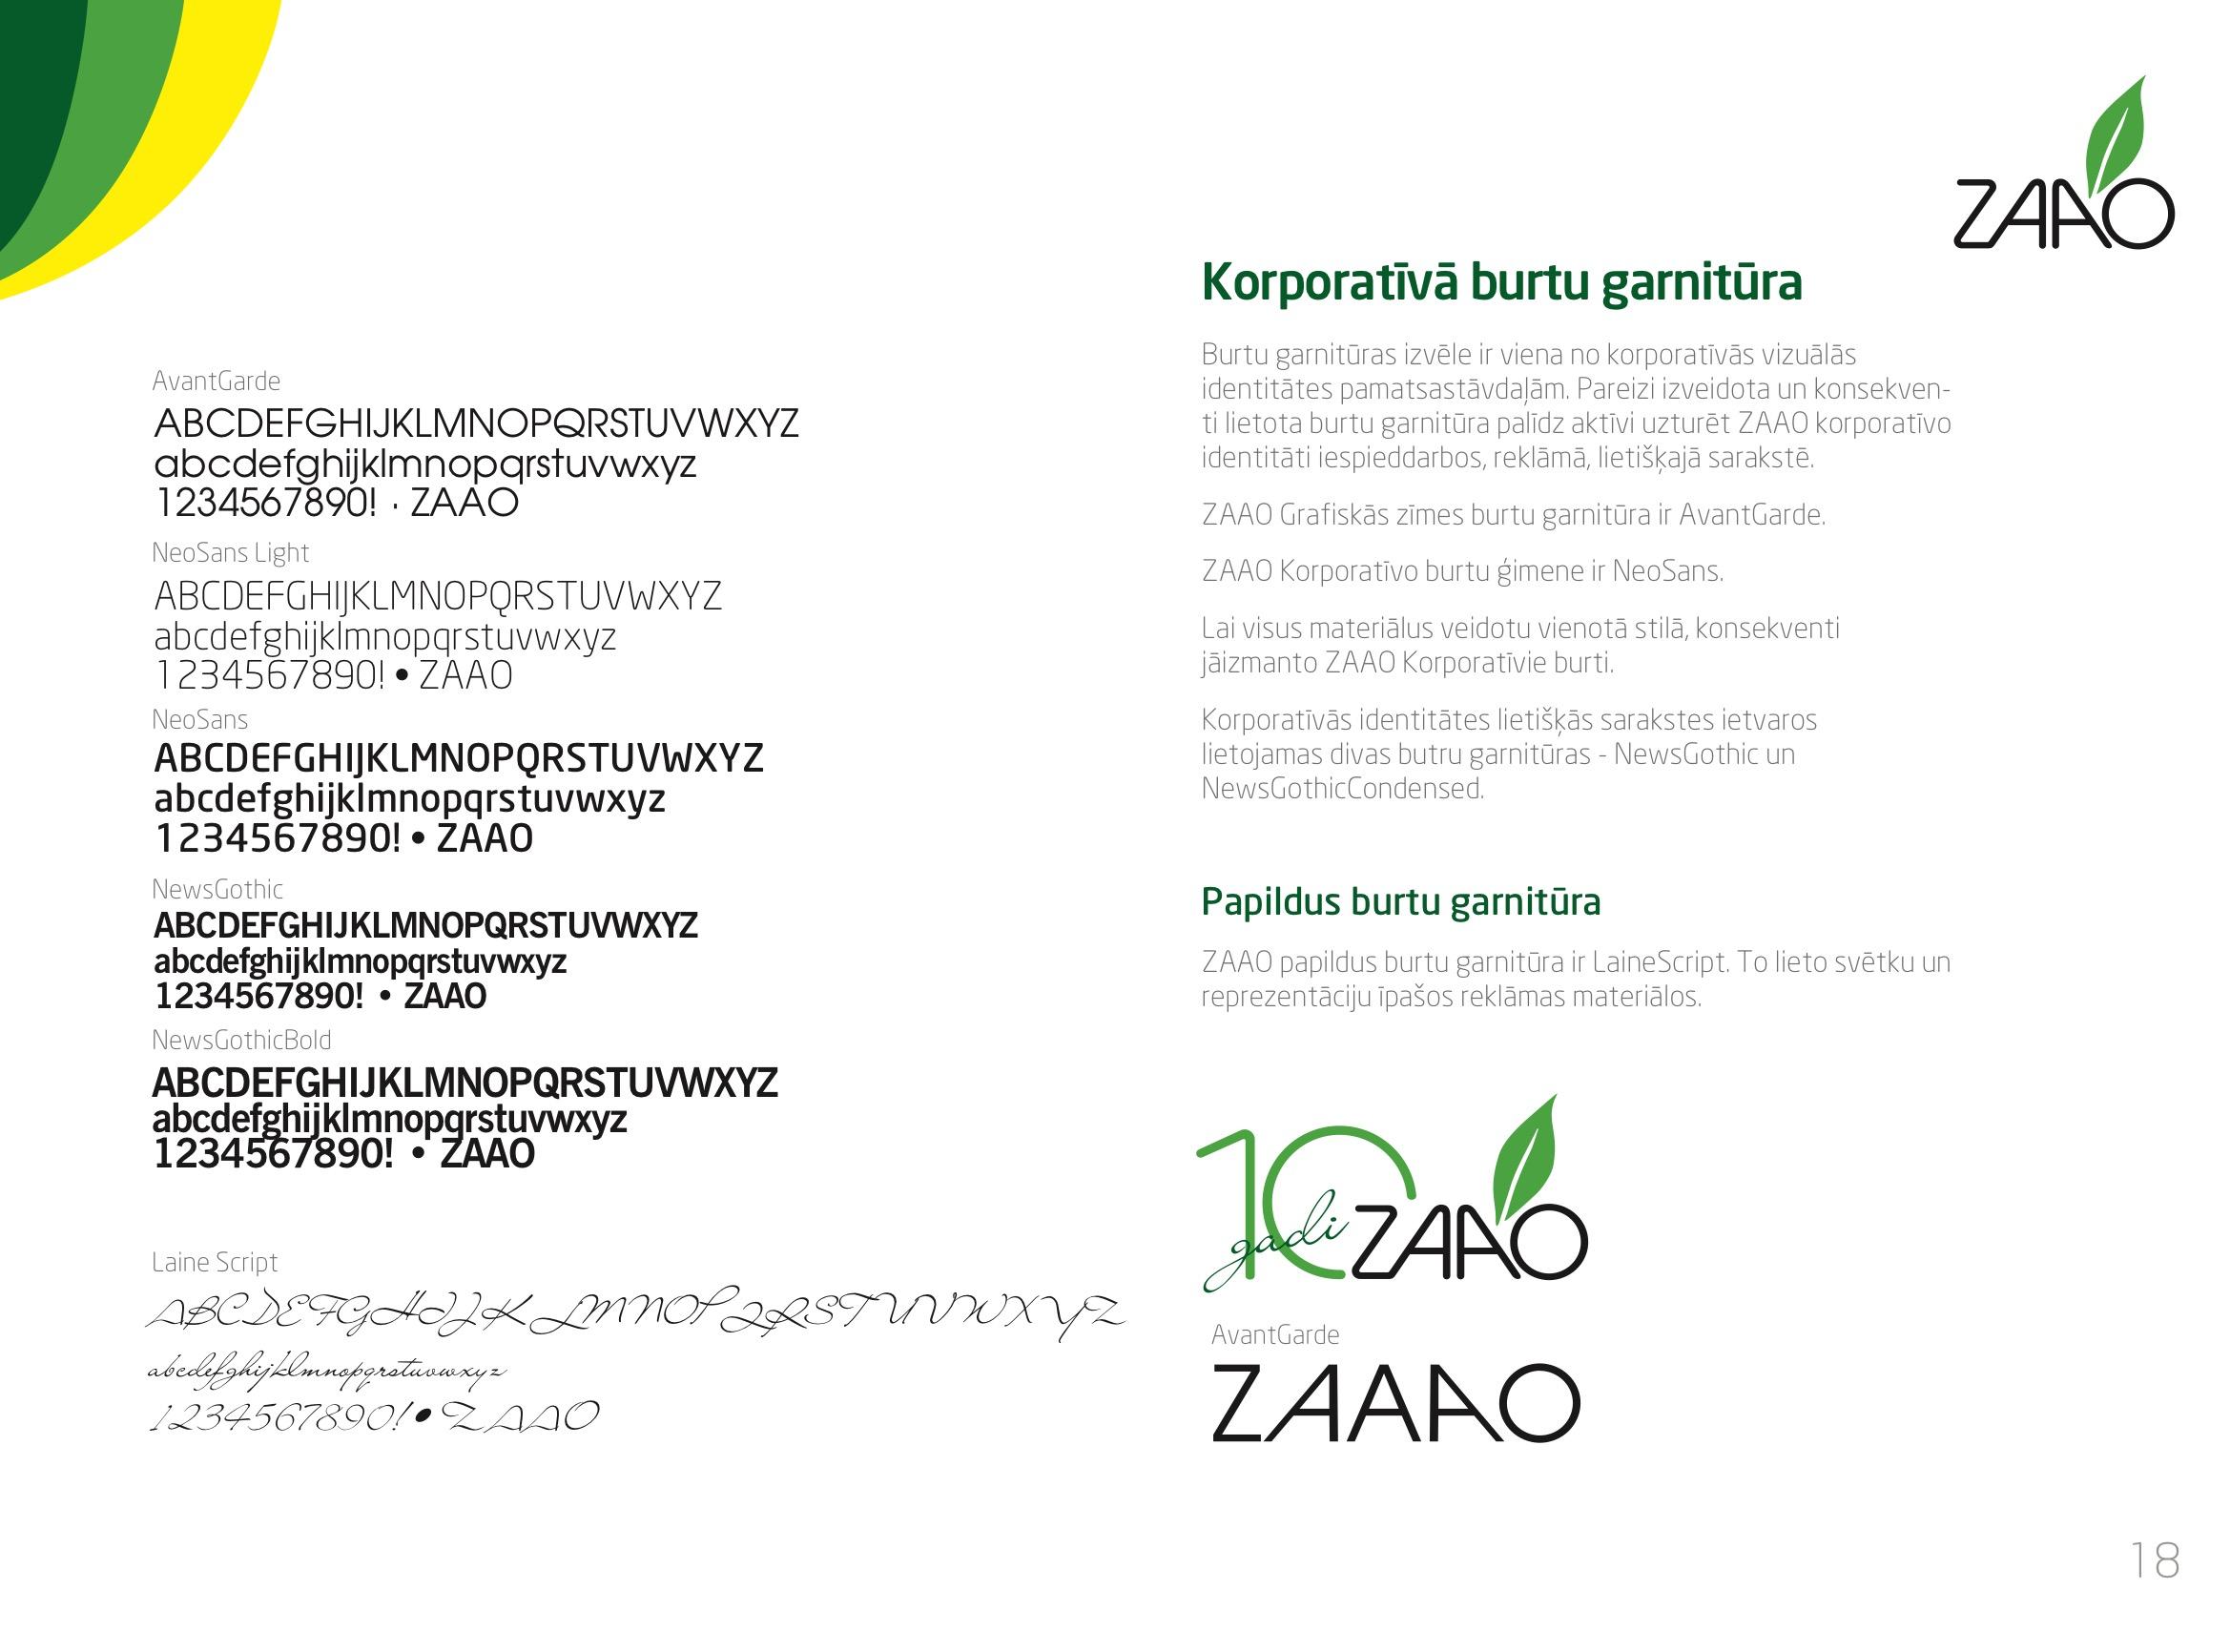 ZAAO stils OK 20